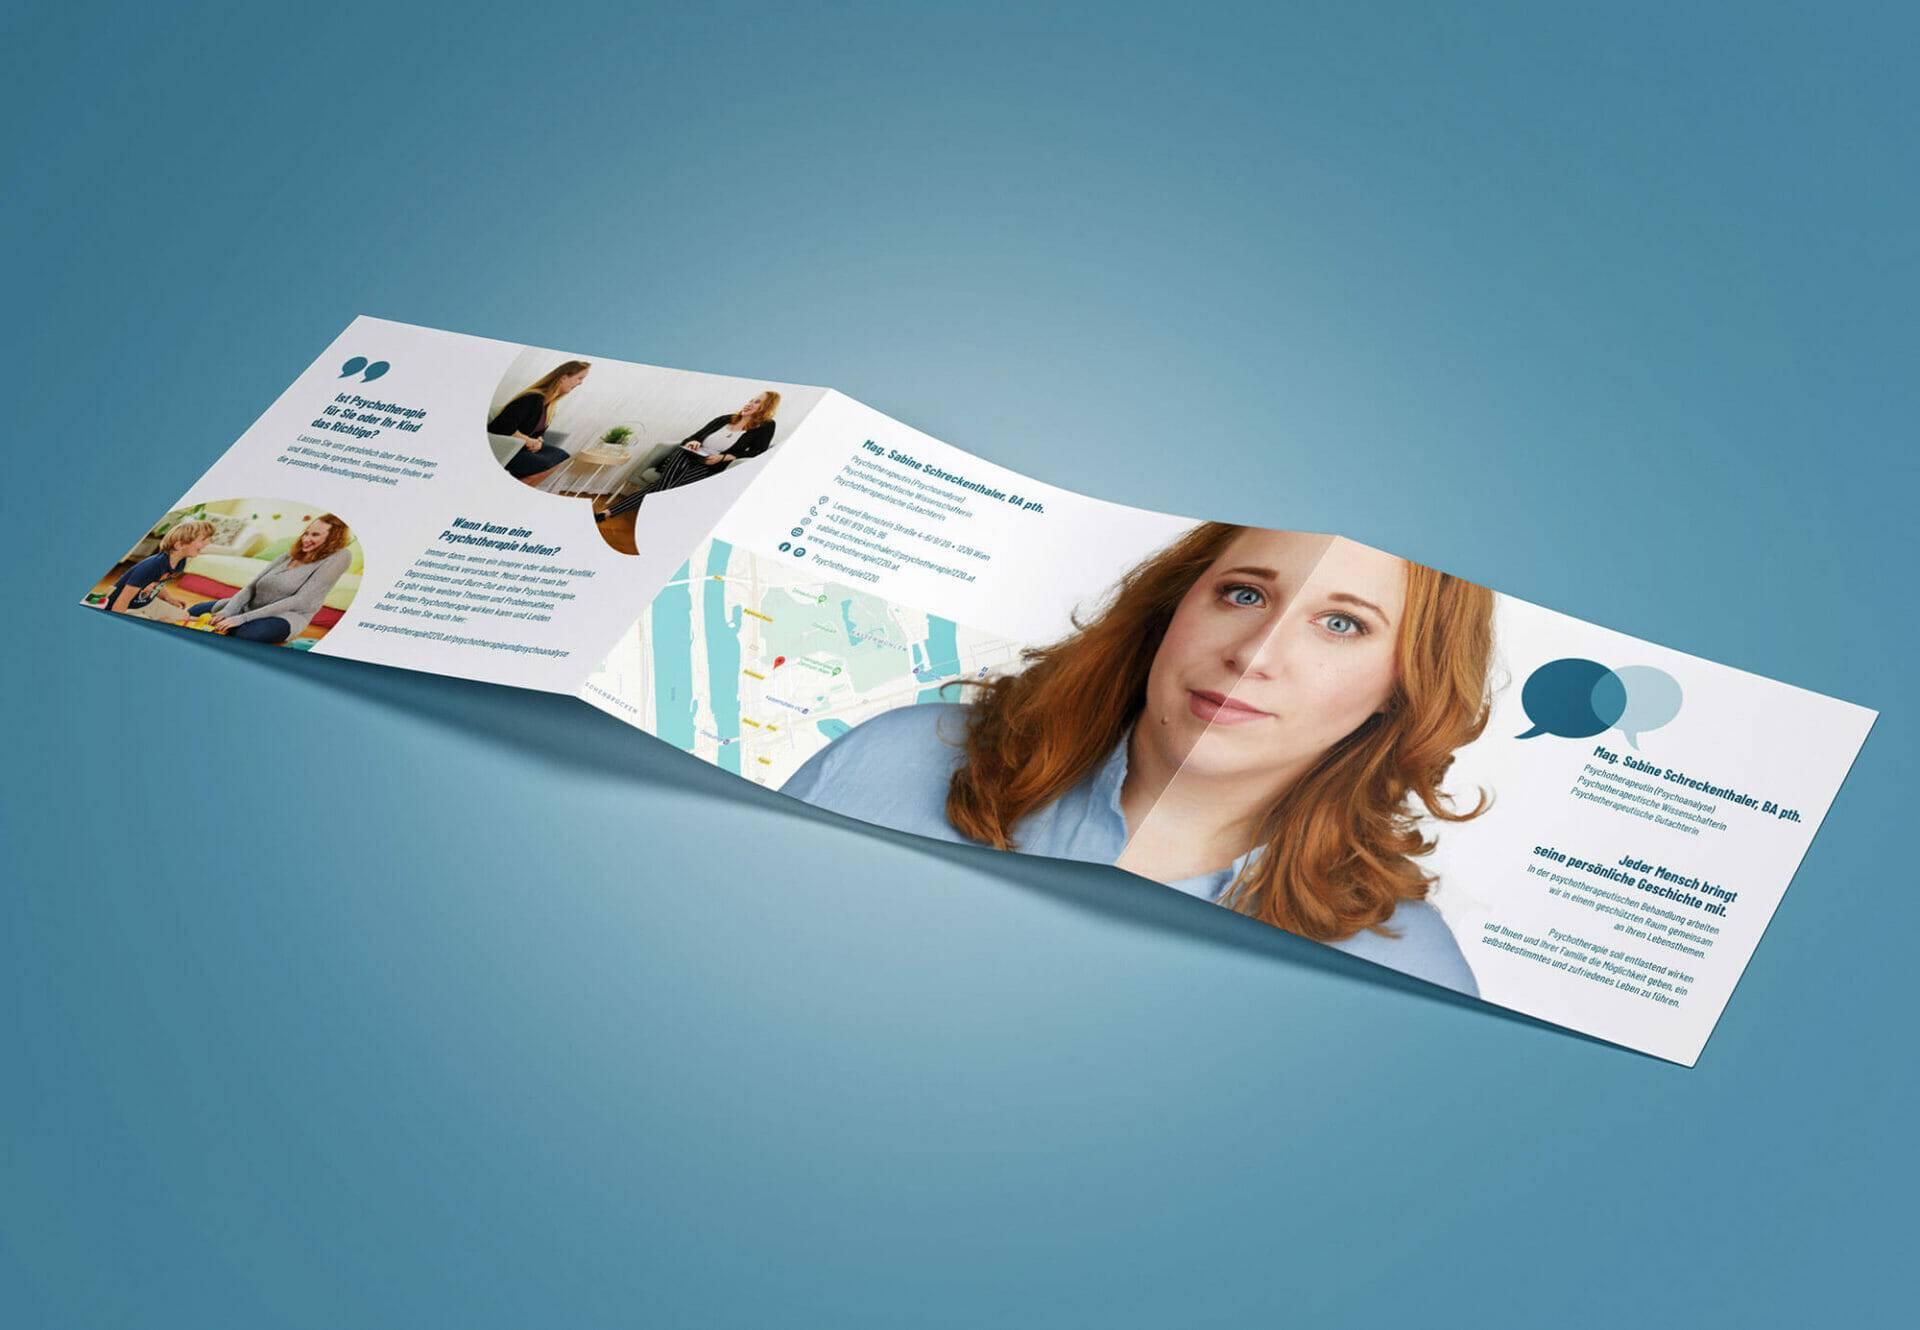 entfalteter 6-seitiger Kundenfolder der Psychotherapiepraxis Sabine Sammer-Schreckenthaler